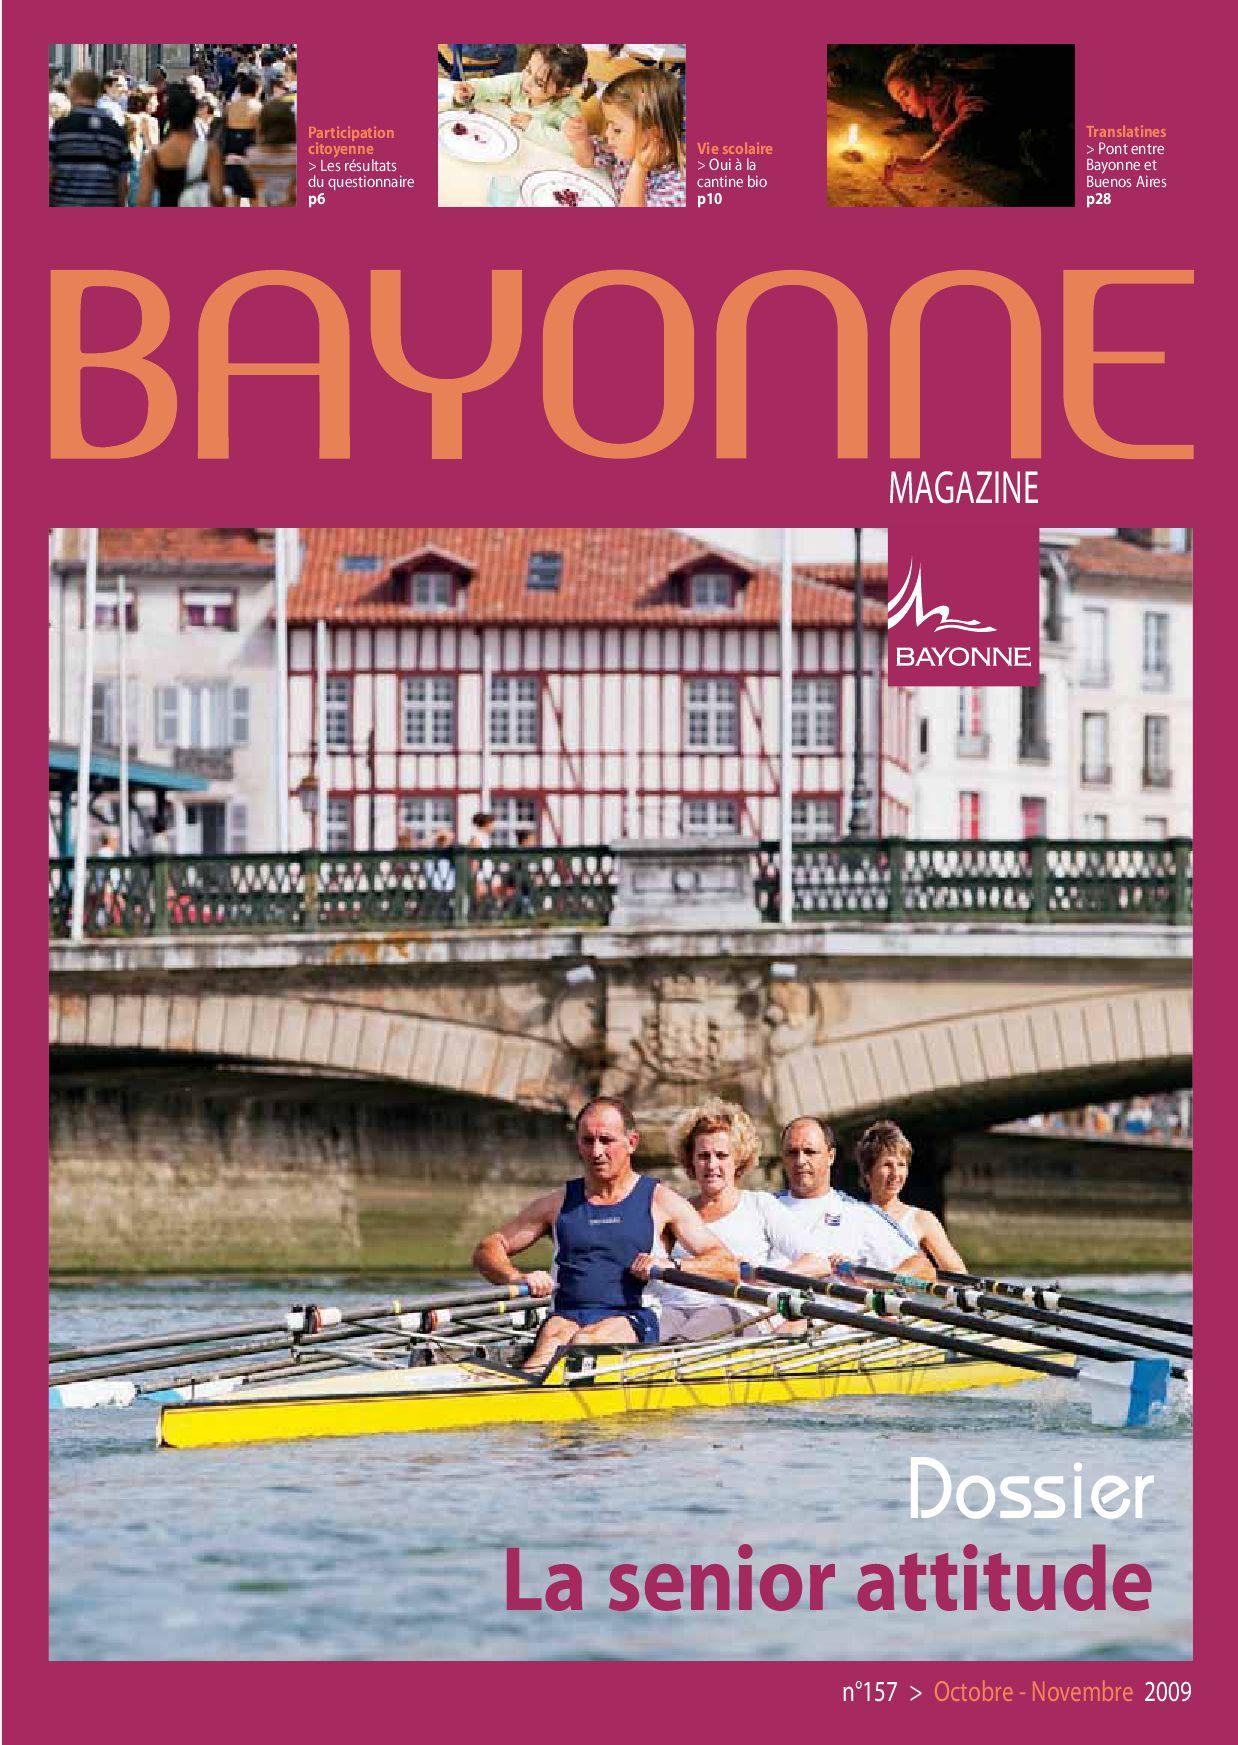 Bayonne Mag 157 sept oct 2009 by Bayonne issuu